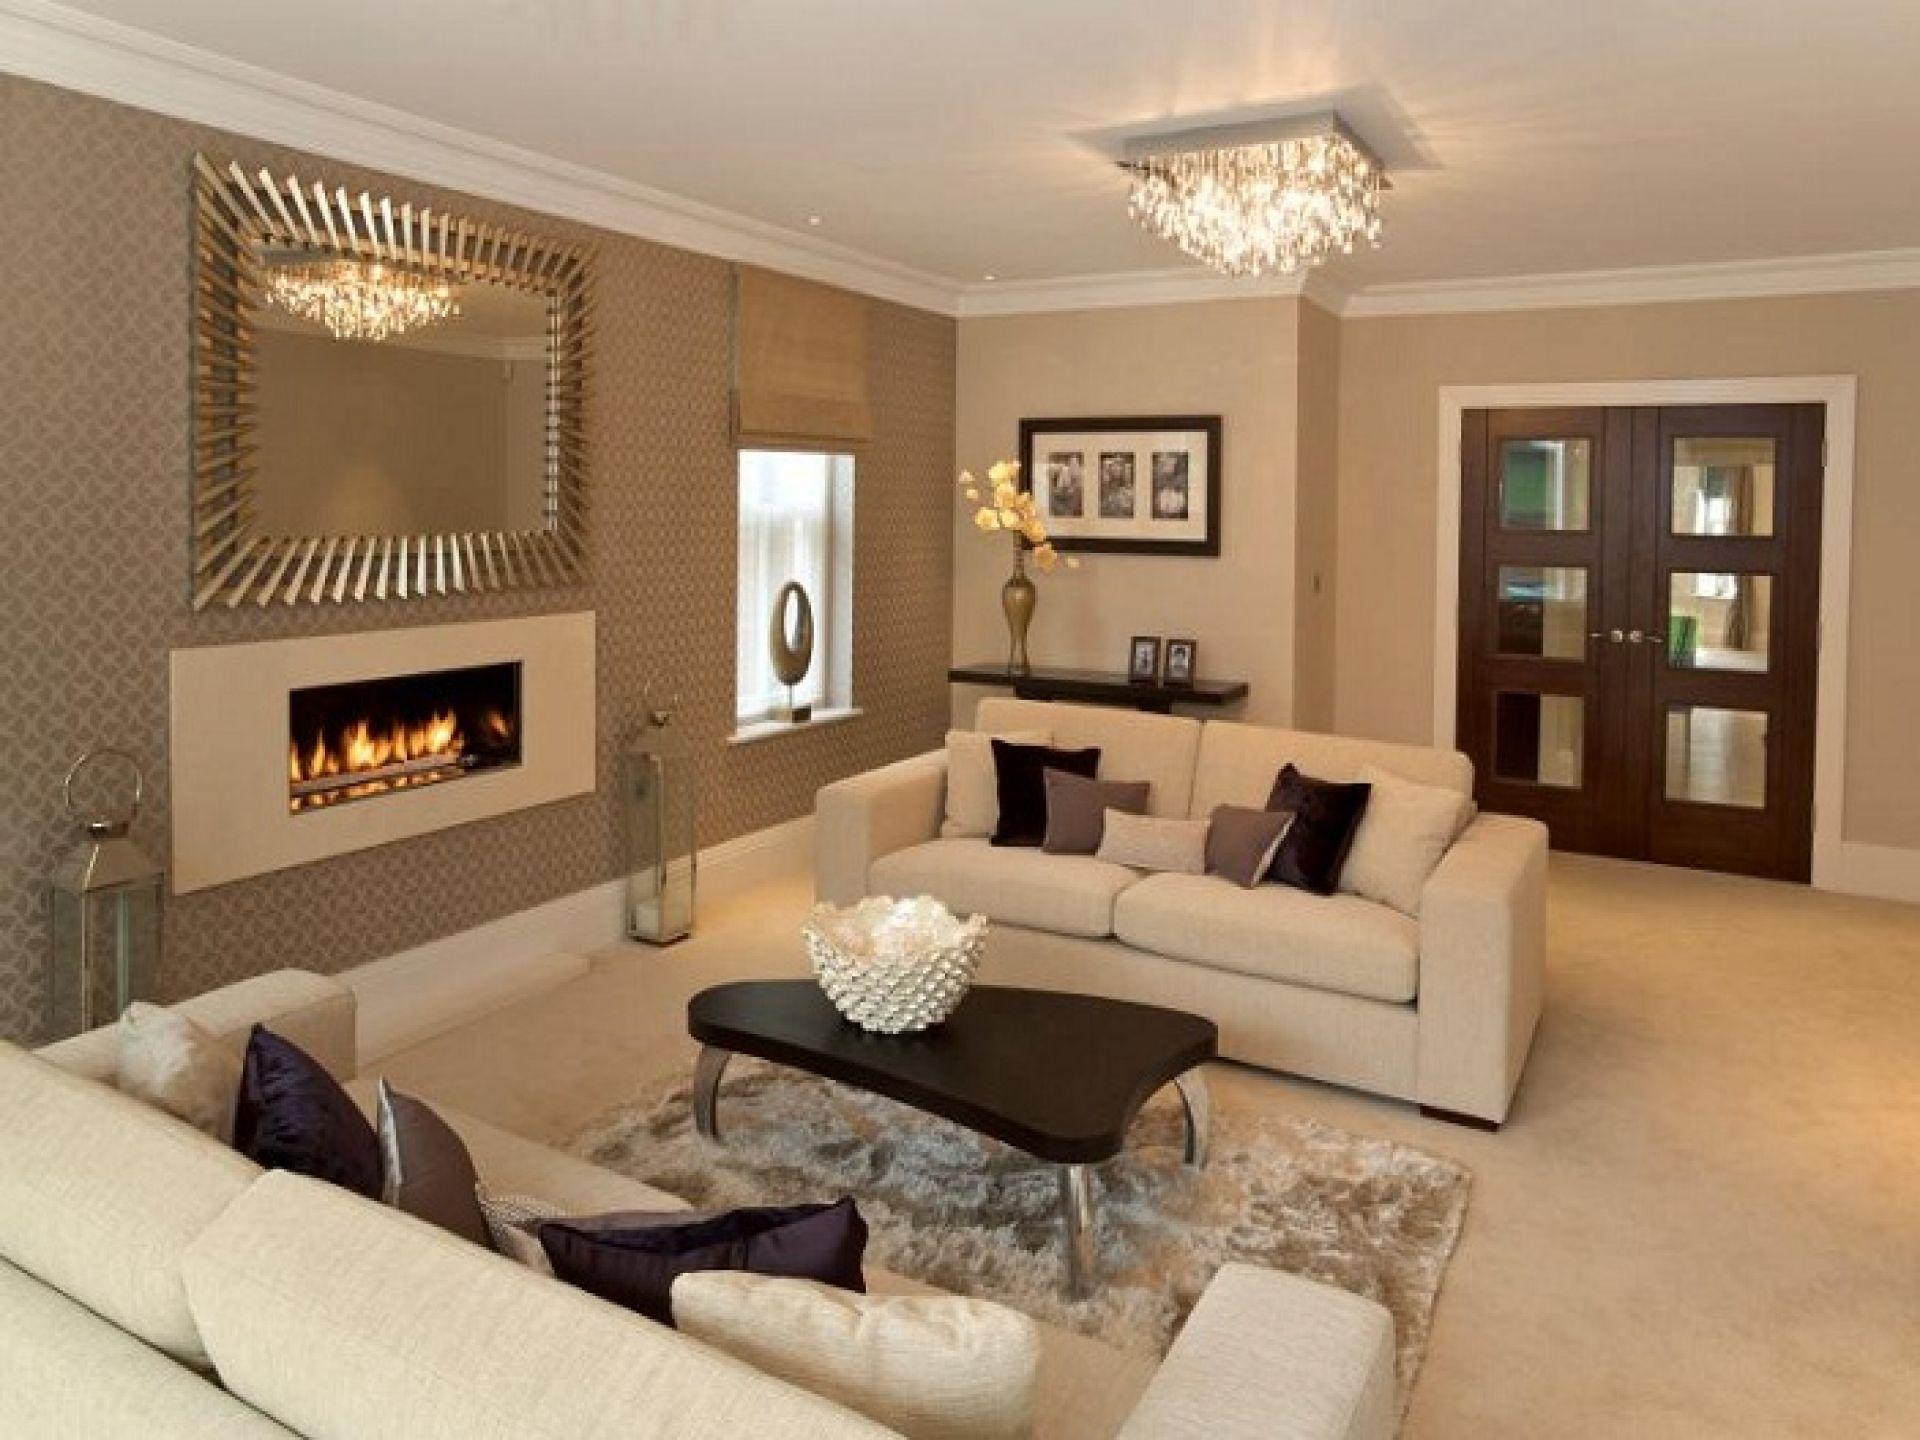 为您梦想中的家鼓舞人心的室内设计和家居装饰理念